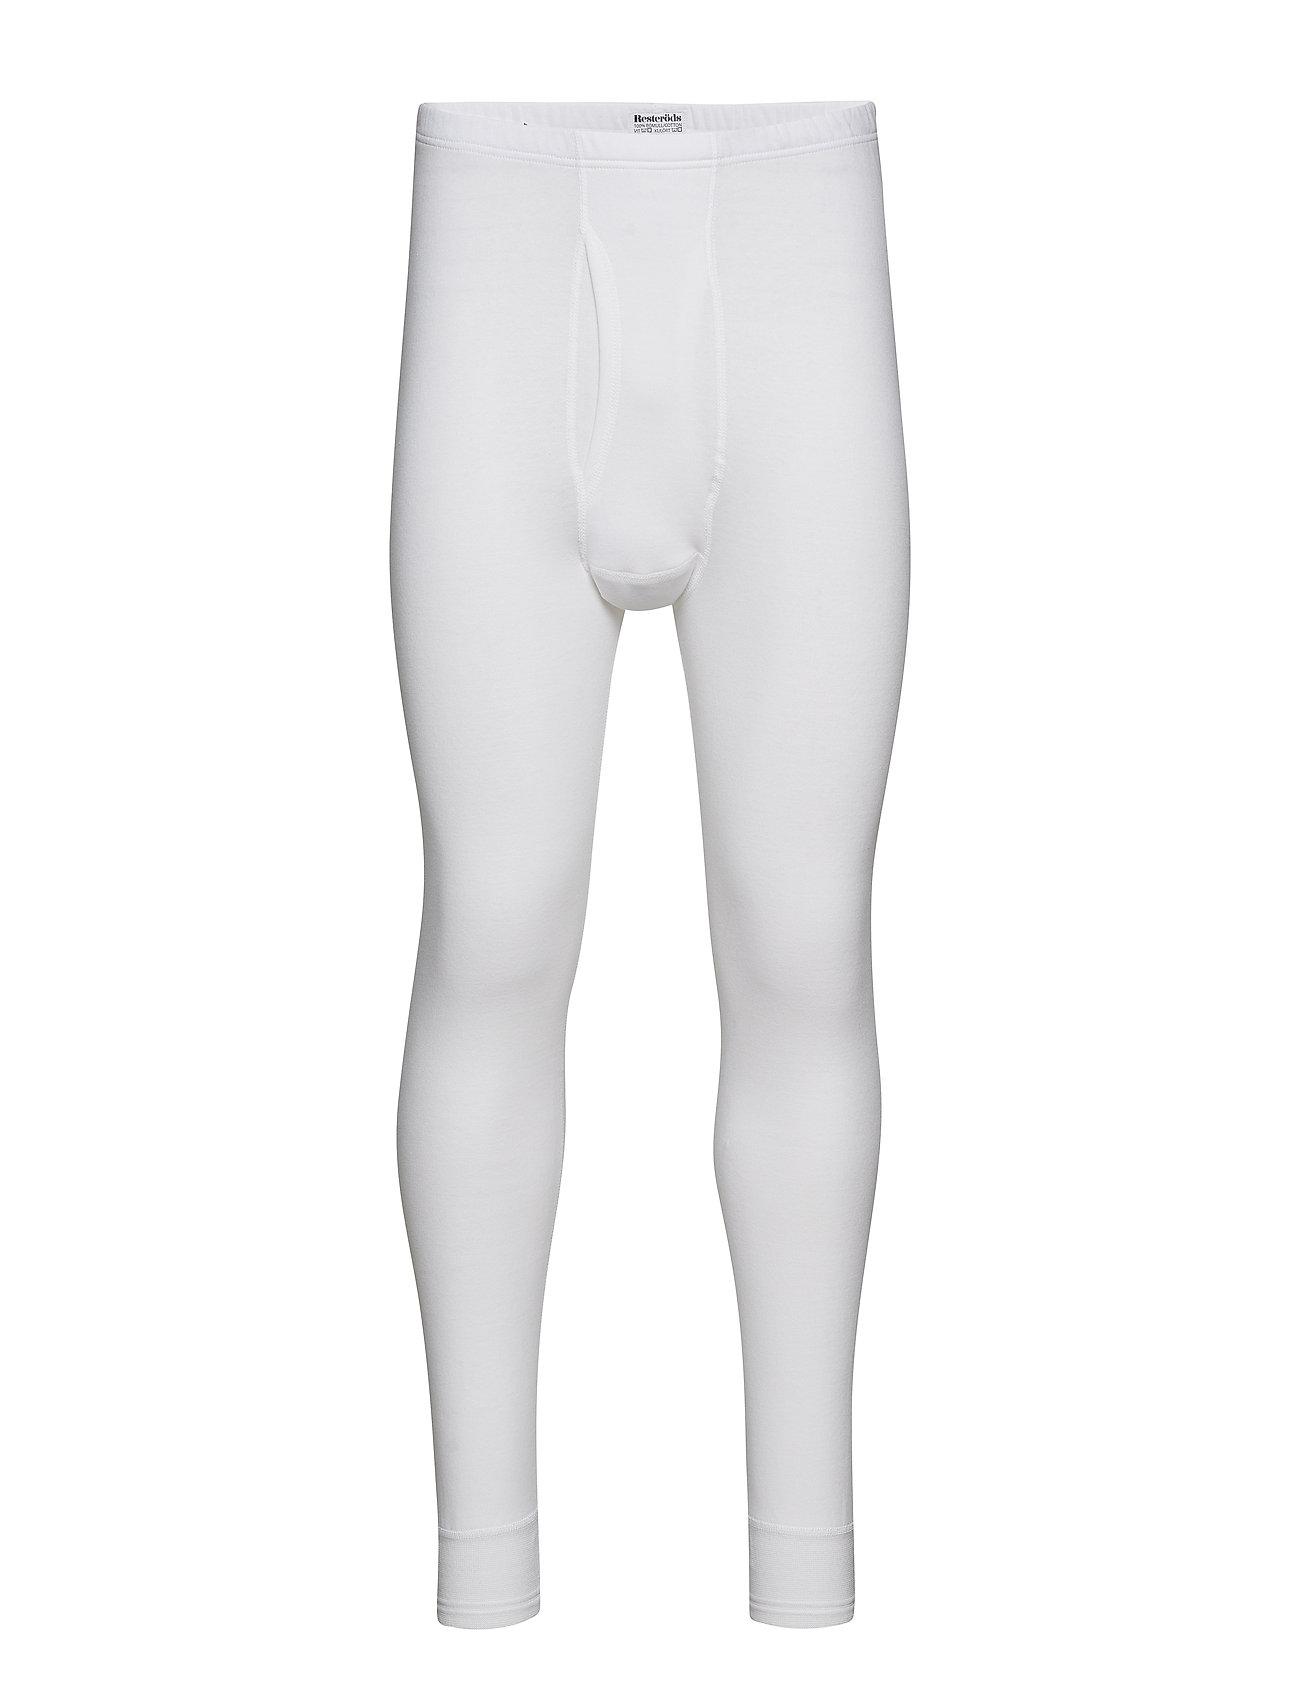 Resteröds Kalsong, långa ben - WHITE